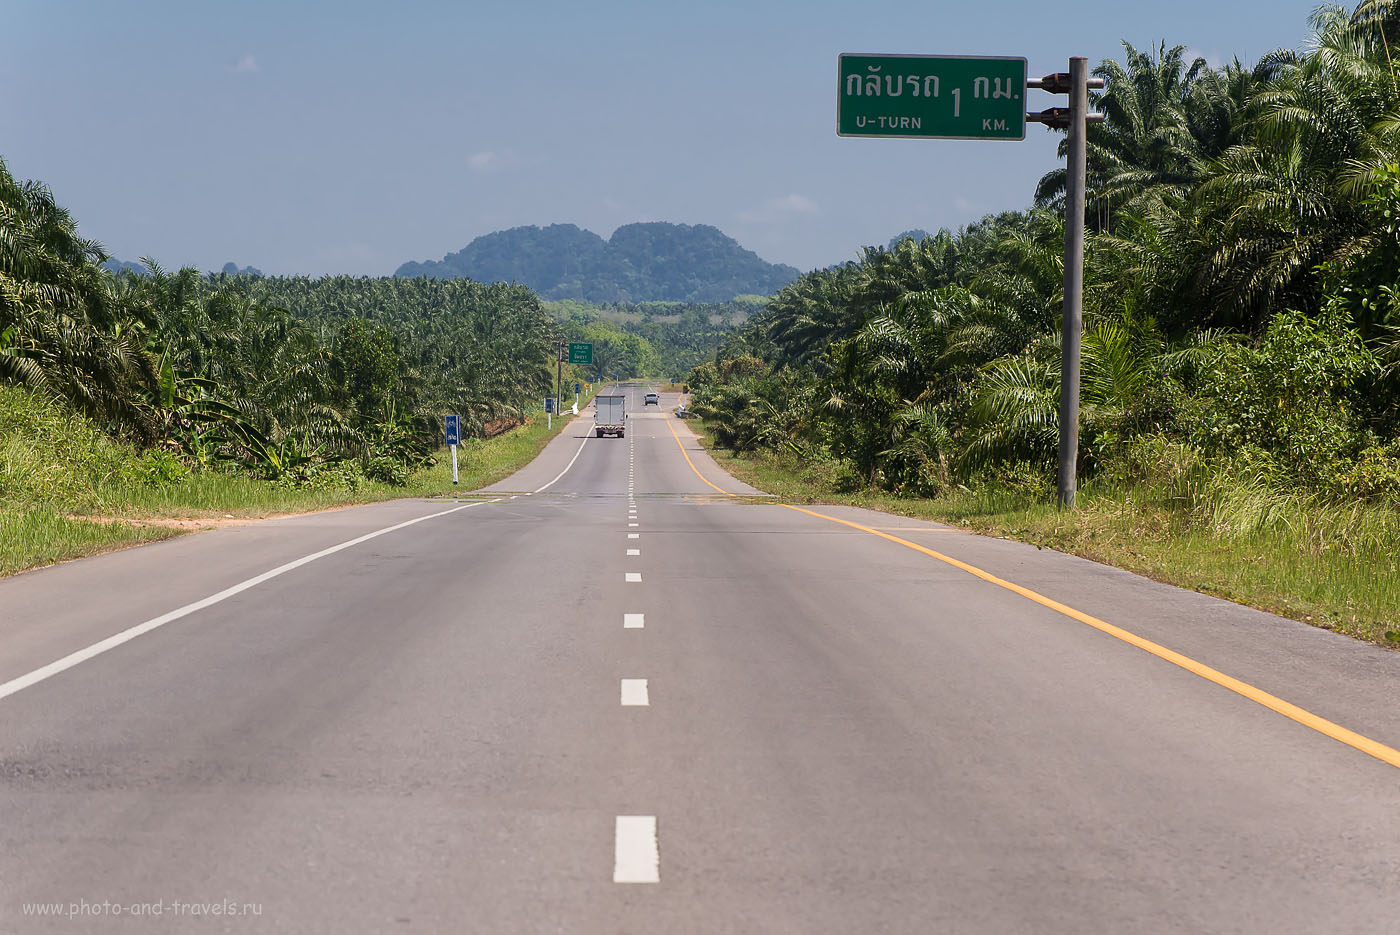 Фотография 26. В основном, по дорогам такого качества пролегал маршрут нашего самостоятельного путешествия по Таиланду. Односторонка. По пути из Краби в Ранонг